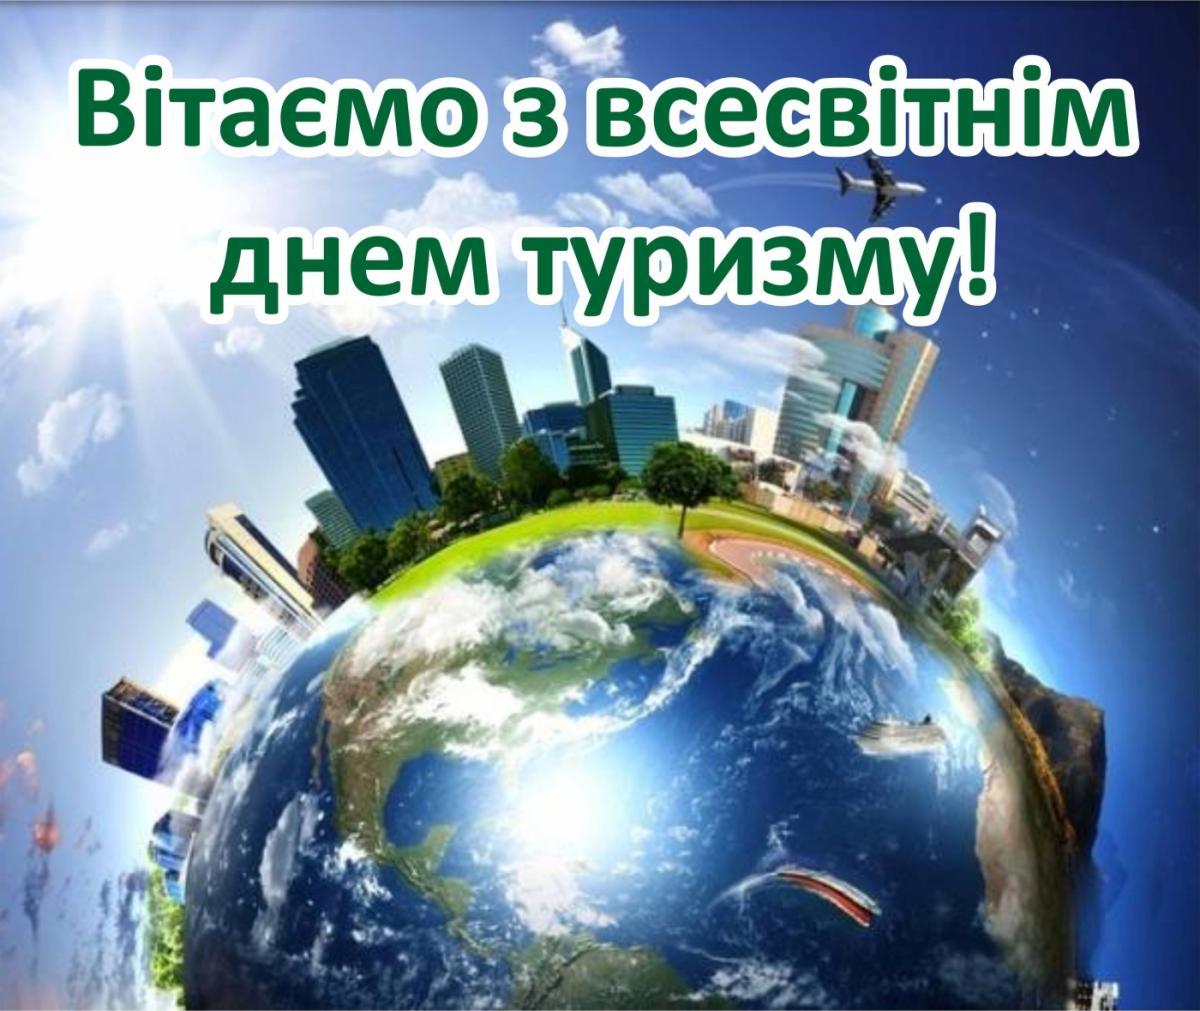 Листівки з Всесвітнім днем туризму / nung.edu.ua